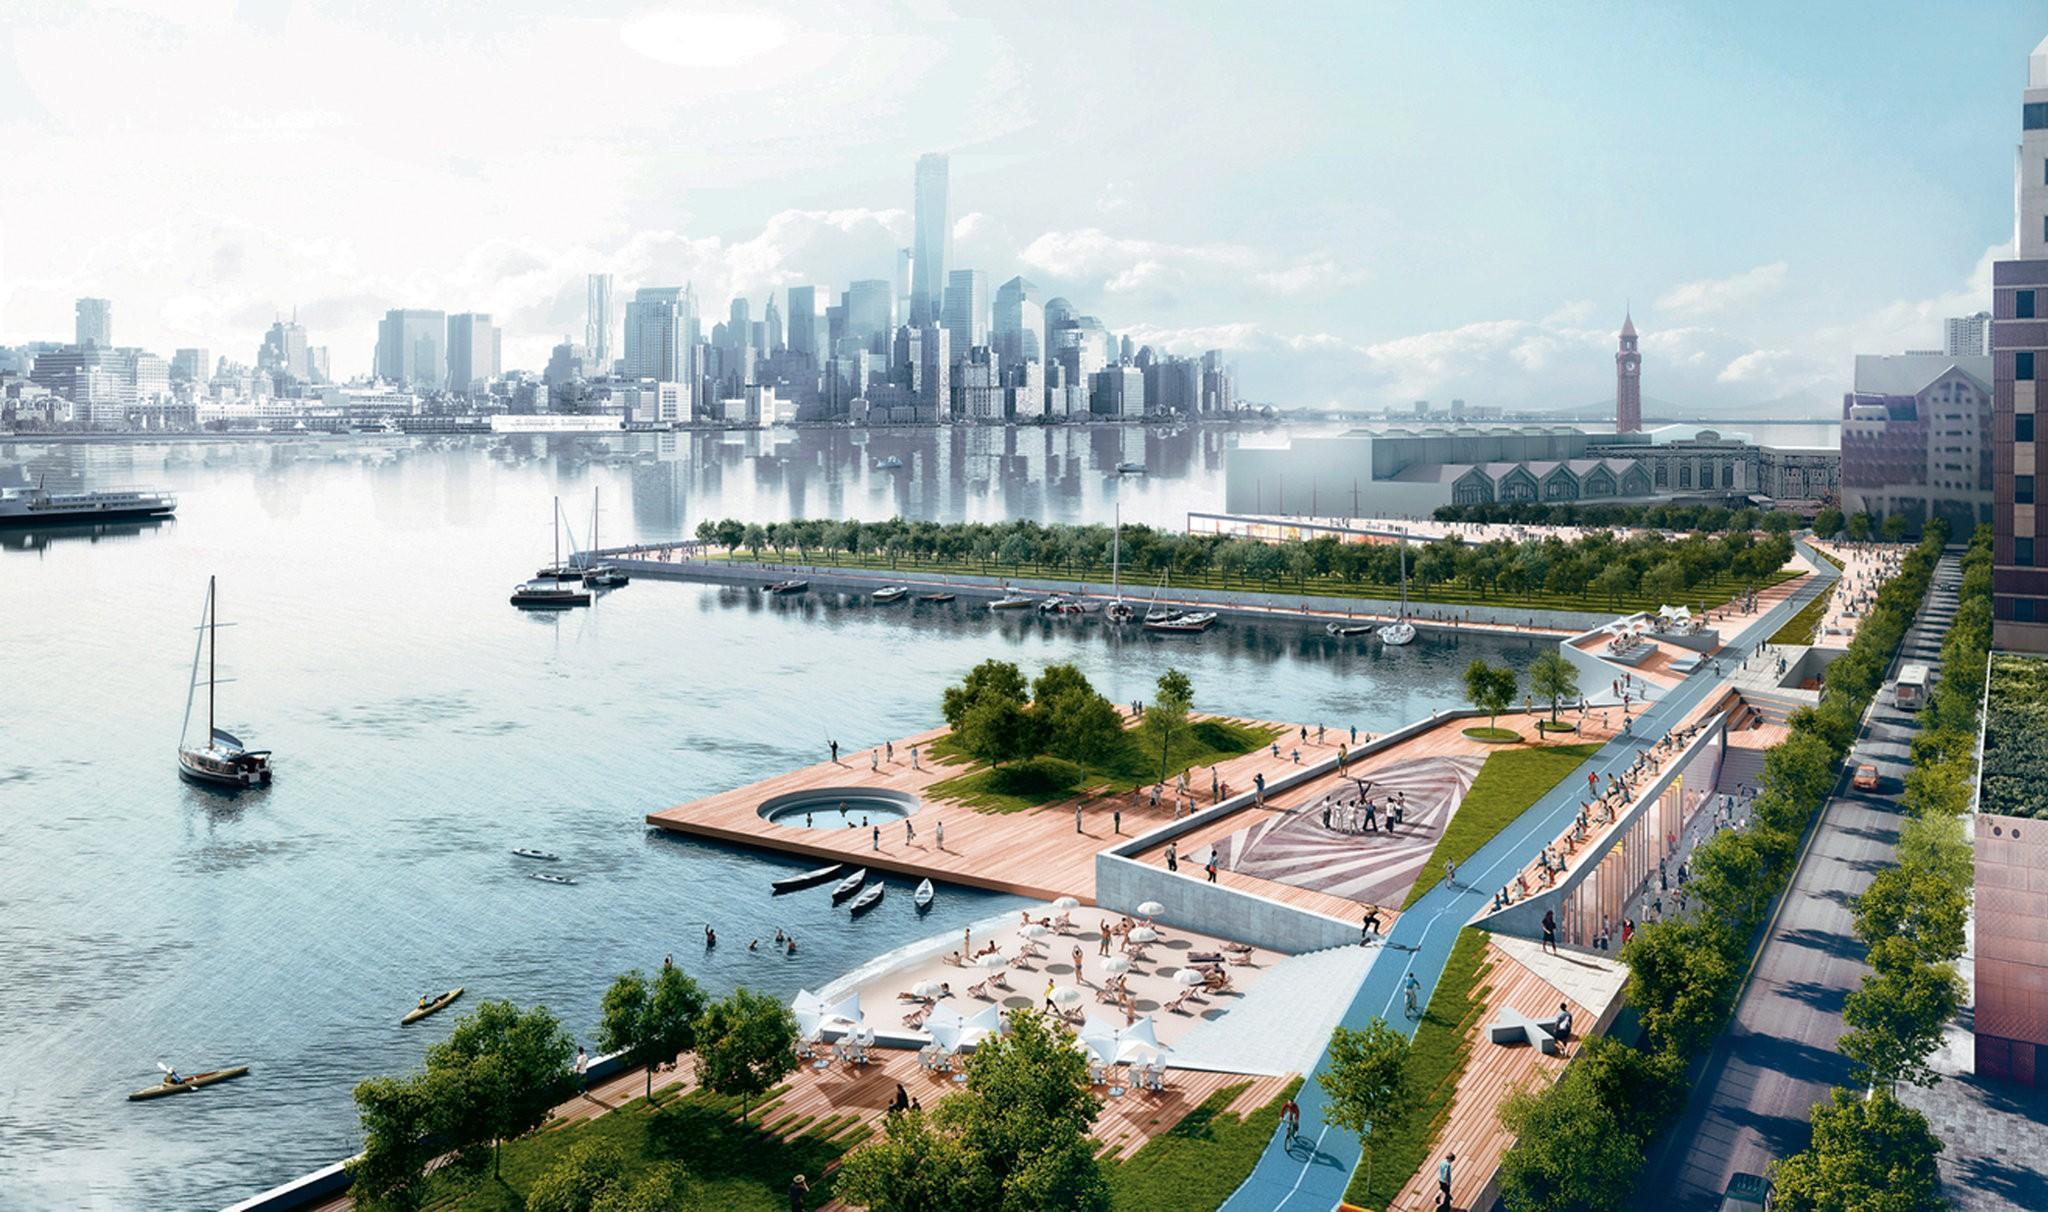 Development Concept for Hoboken